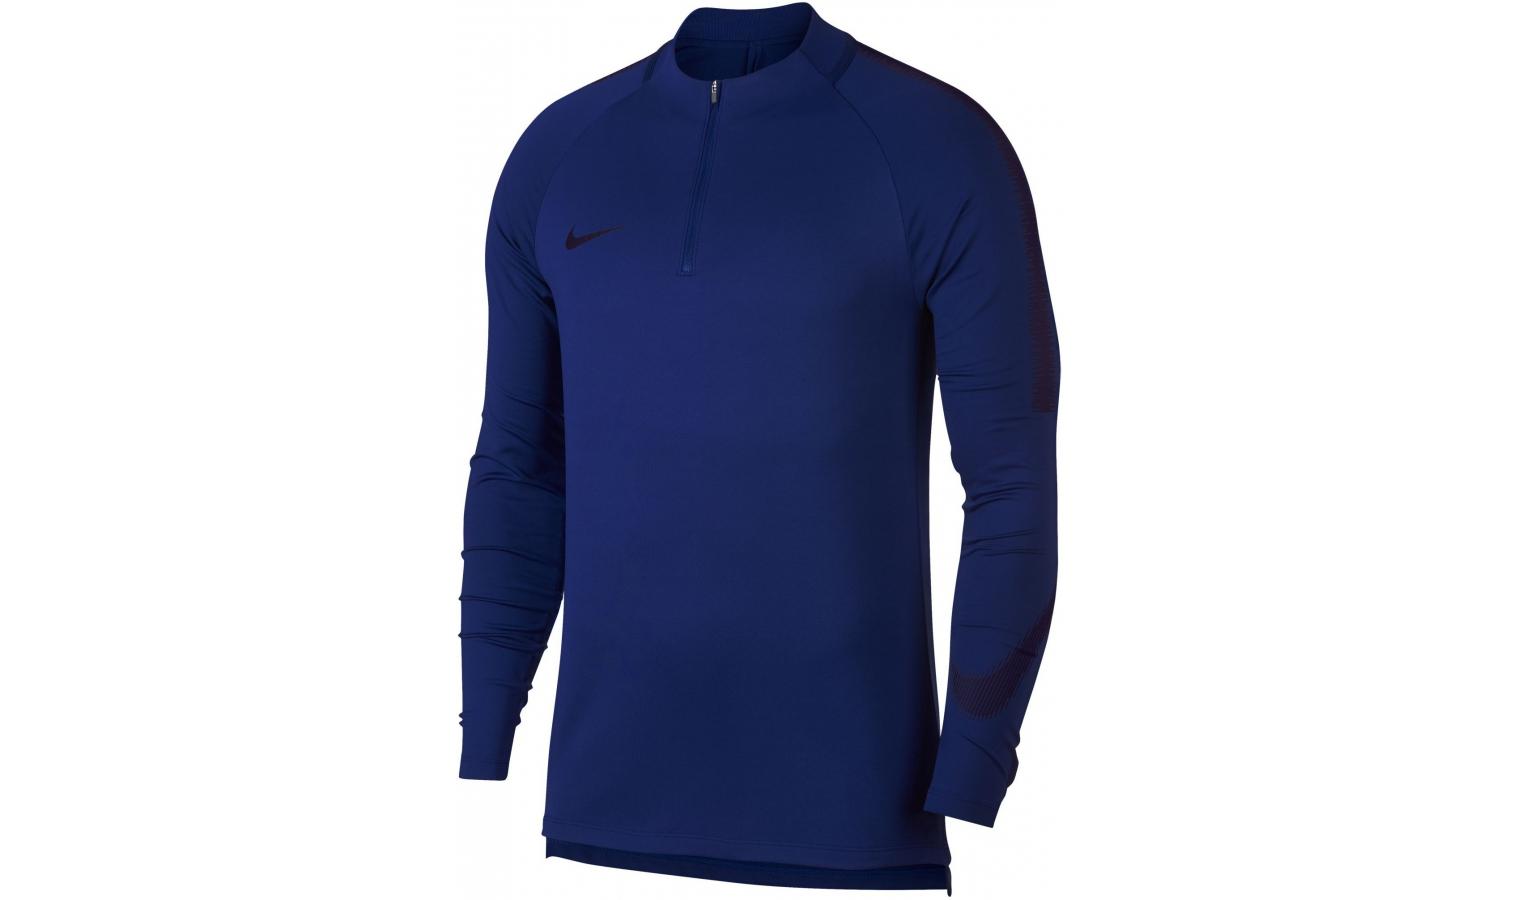 Pánska funkčná mikina Nike NK DRY SQD dril TOP 18 modrá  9112c85b16d